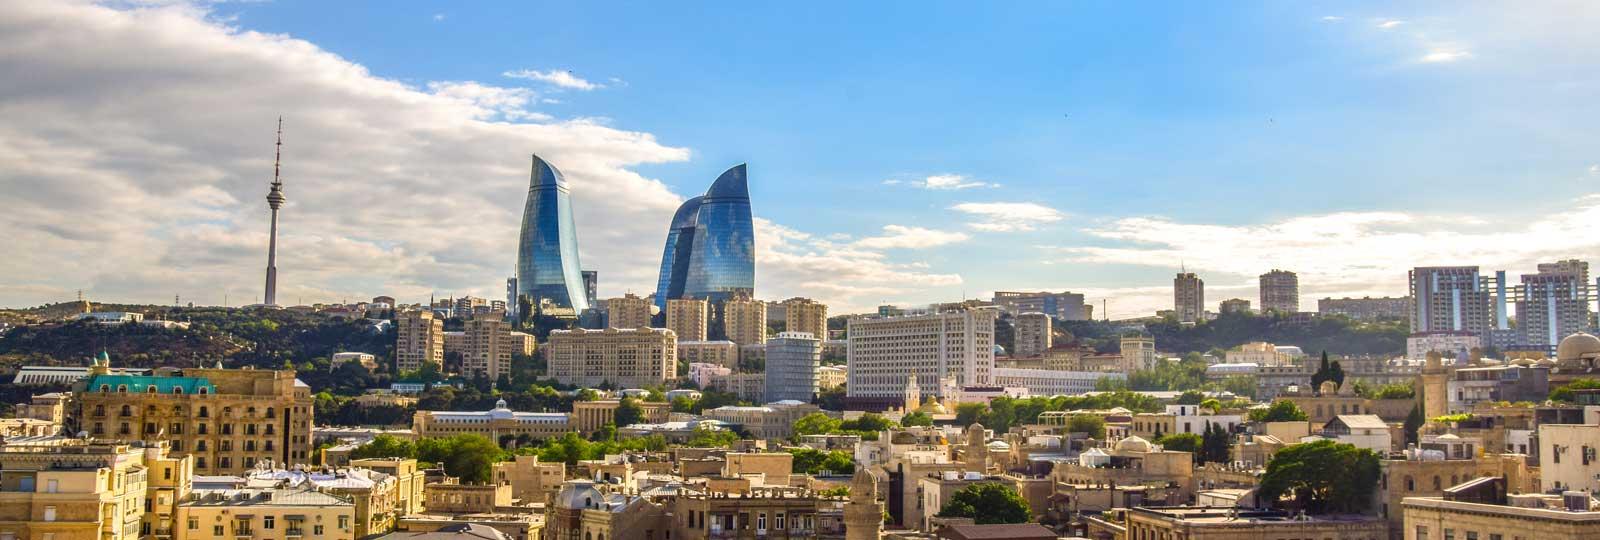 Новые экскурсионные туры в Азербайджан от ANEX Tour